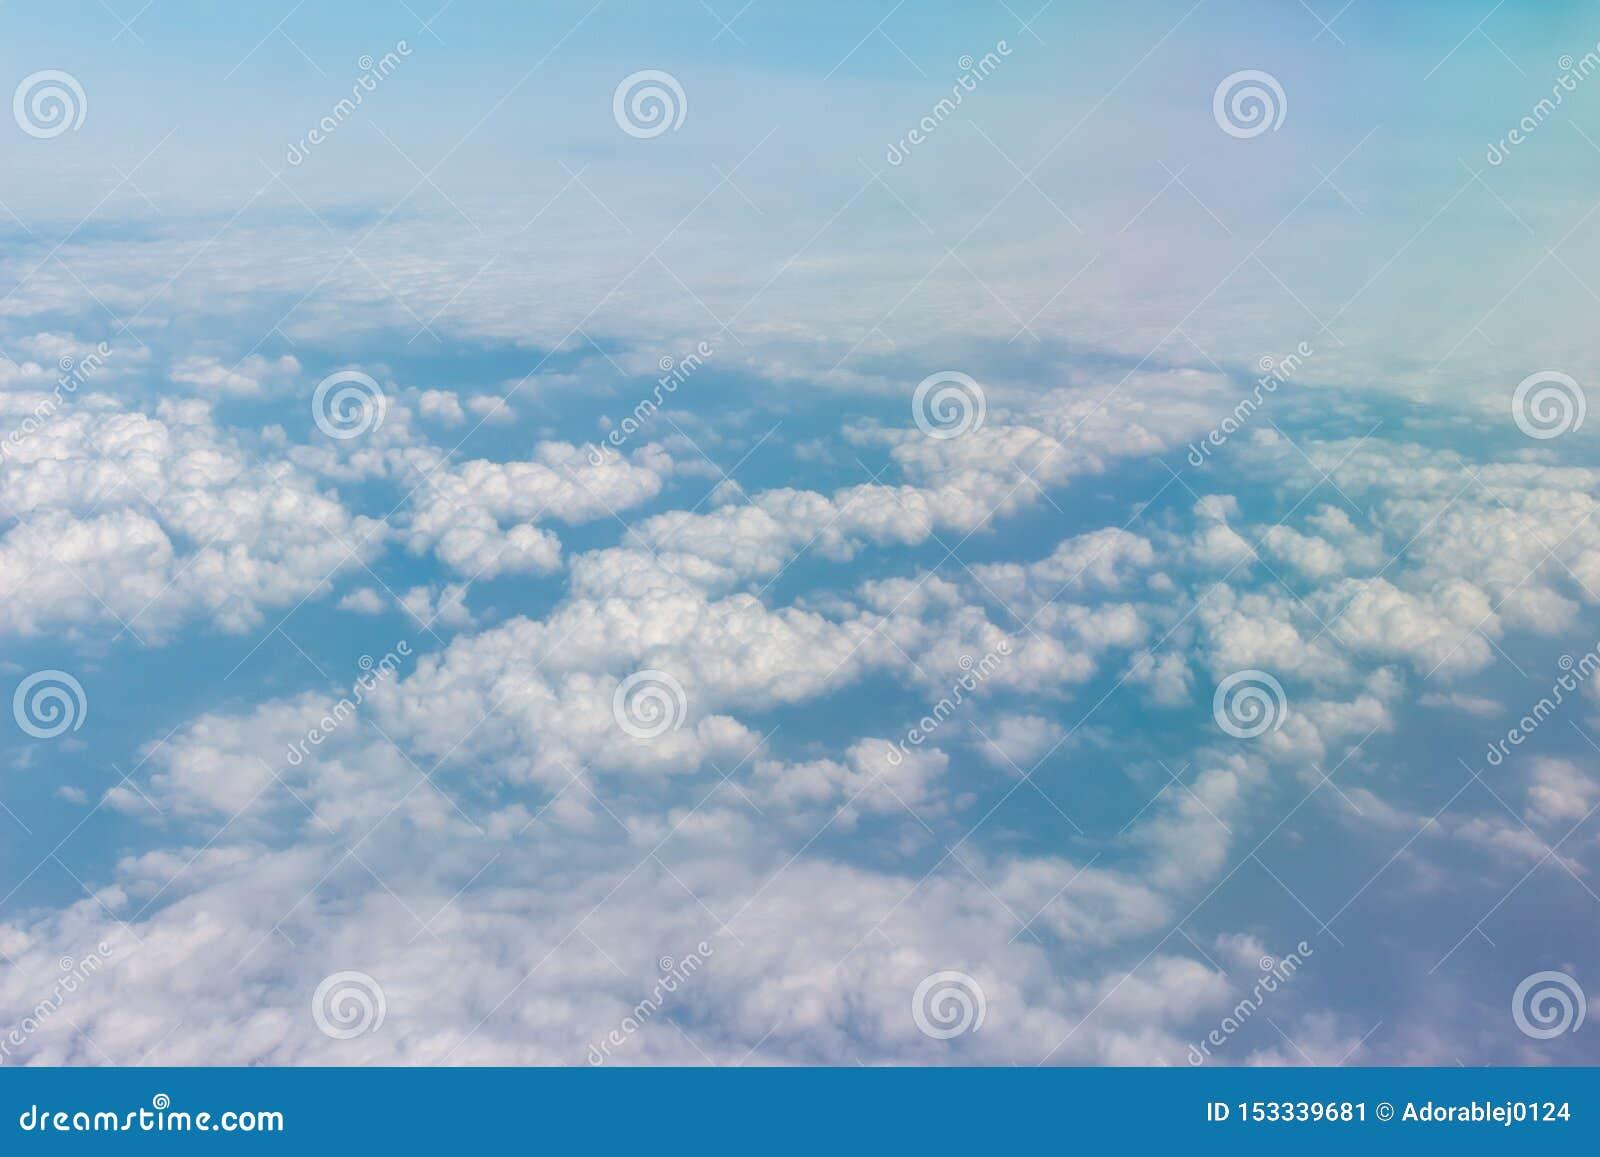 Nuvole sul cielo blu